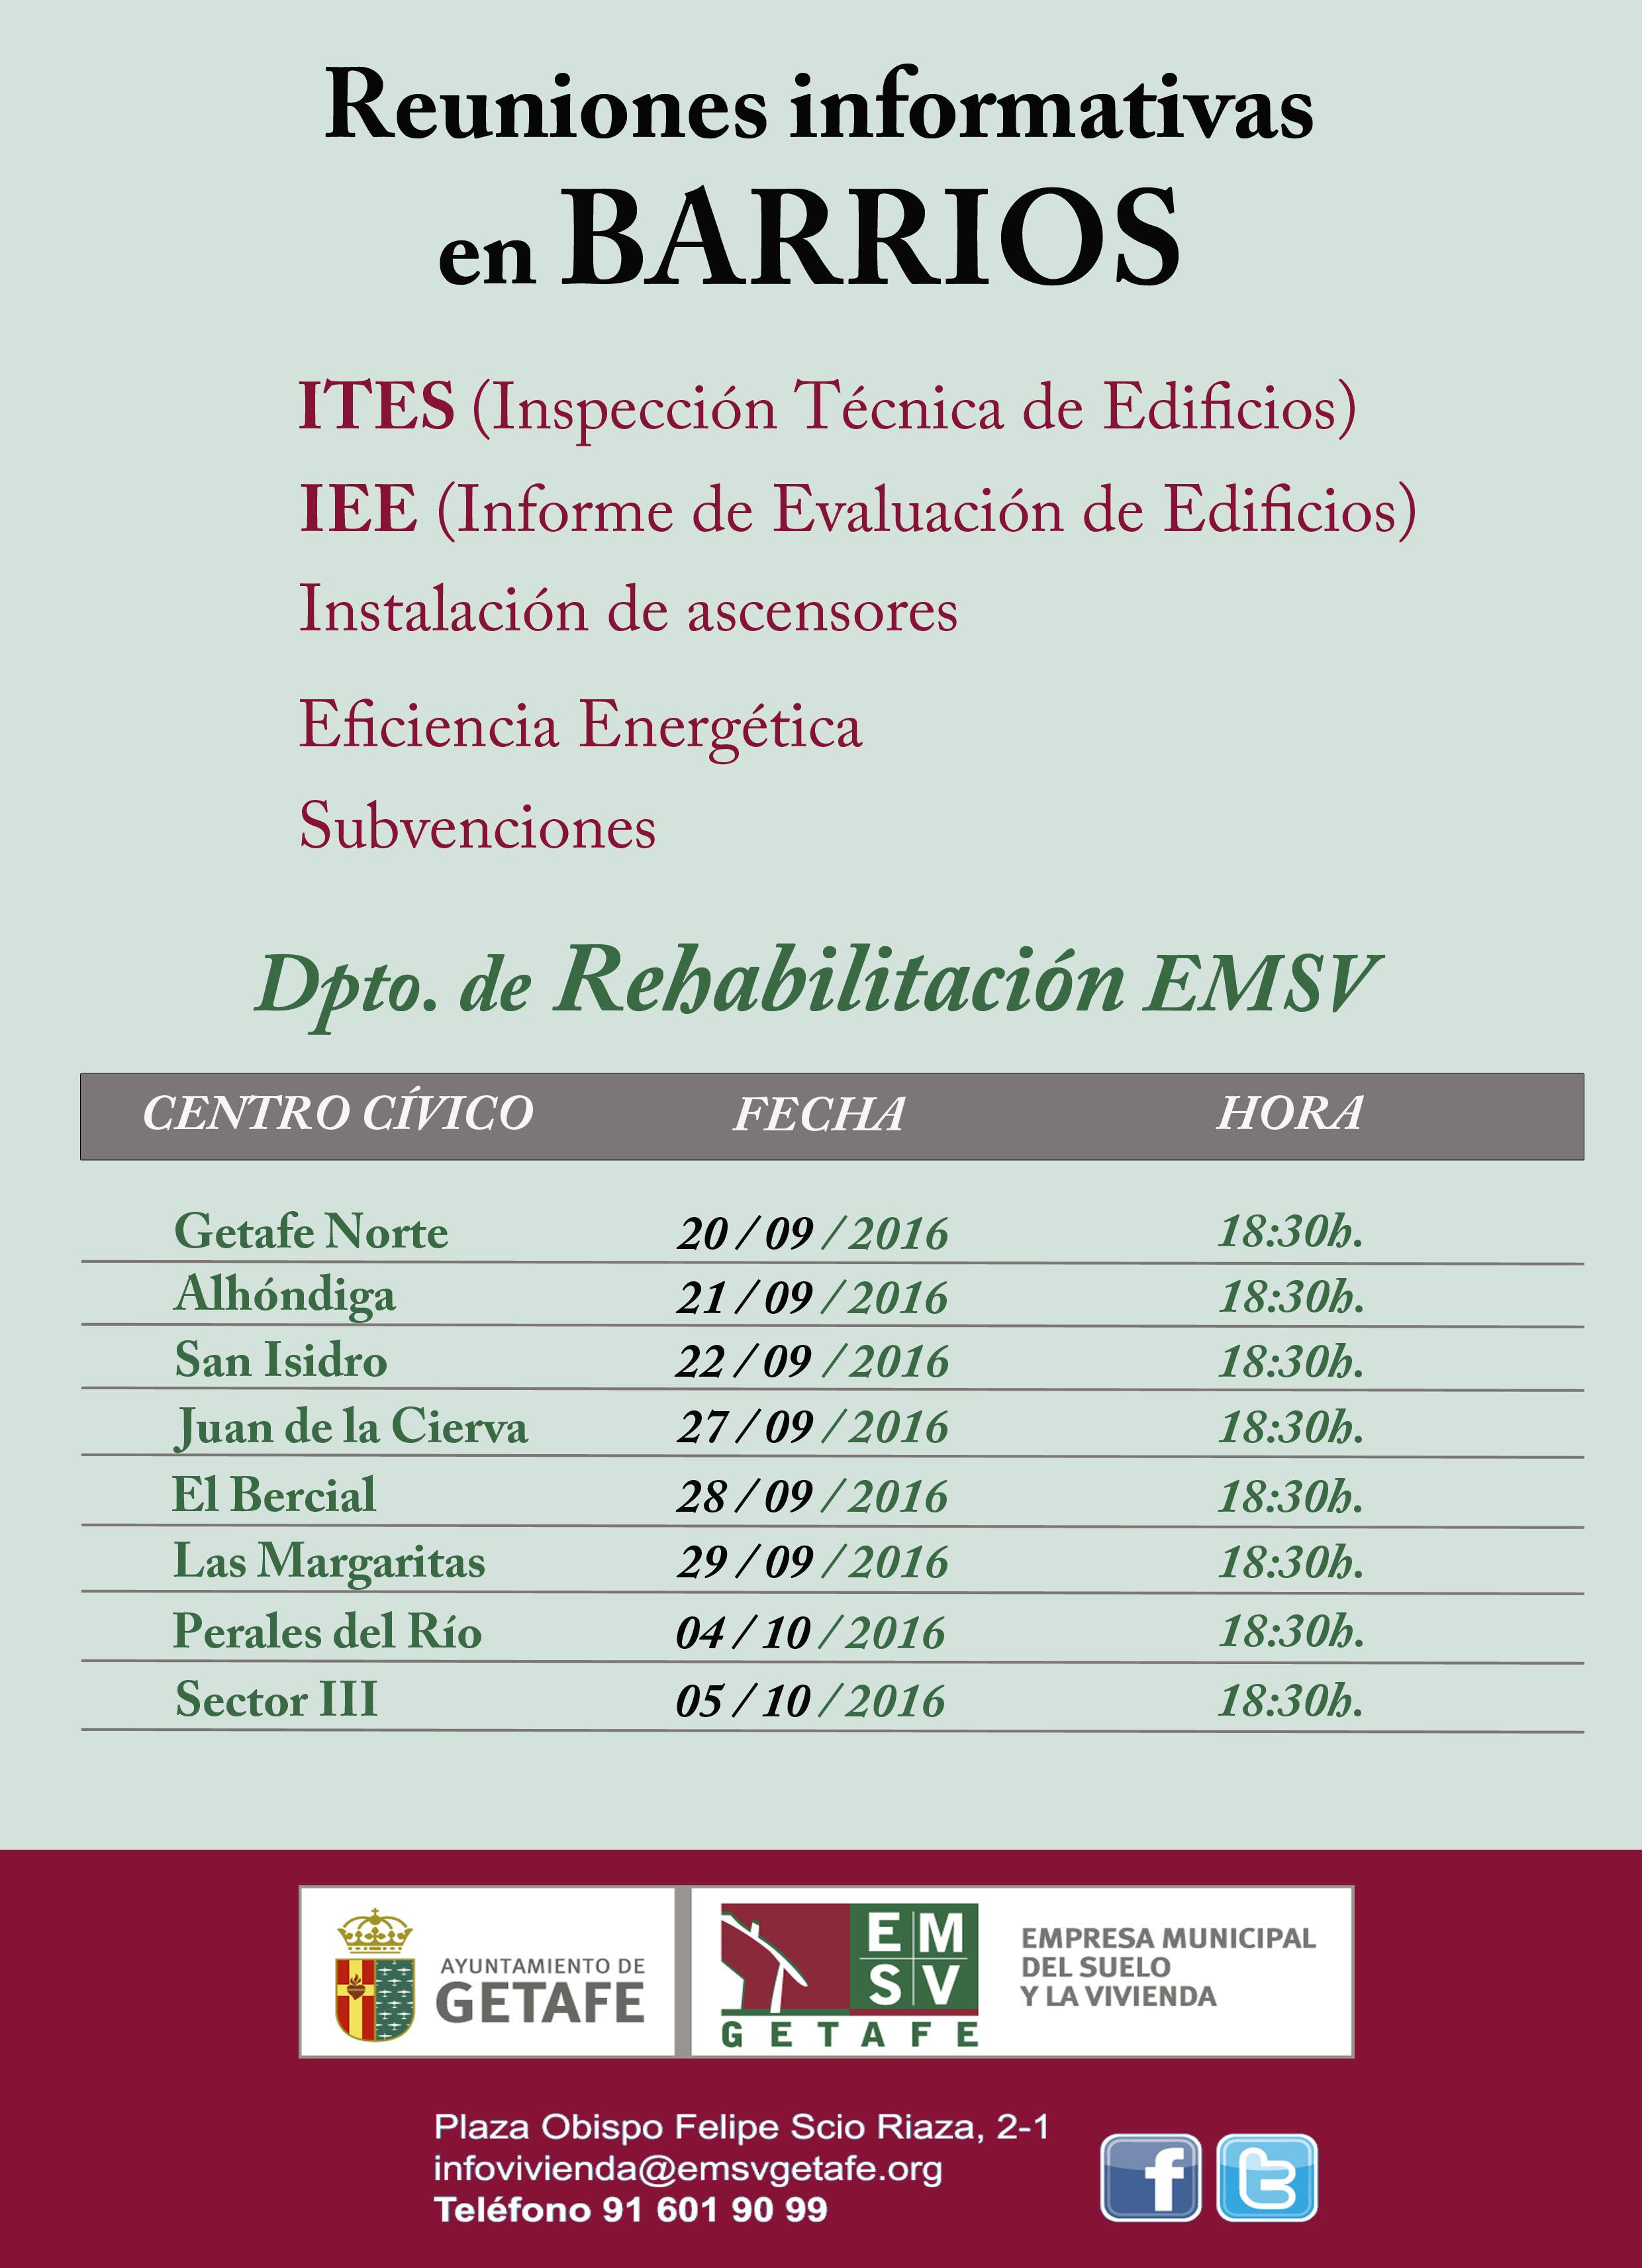 EL INFORME DE EVALUACION DE EDIFICIOS-IEE Y LA ITE EN GETAFE